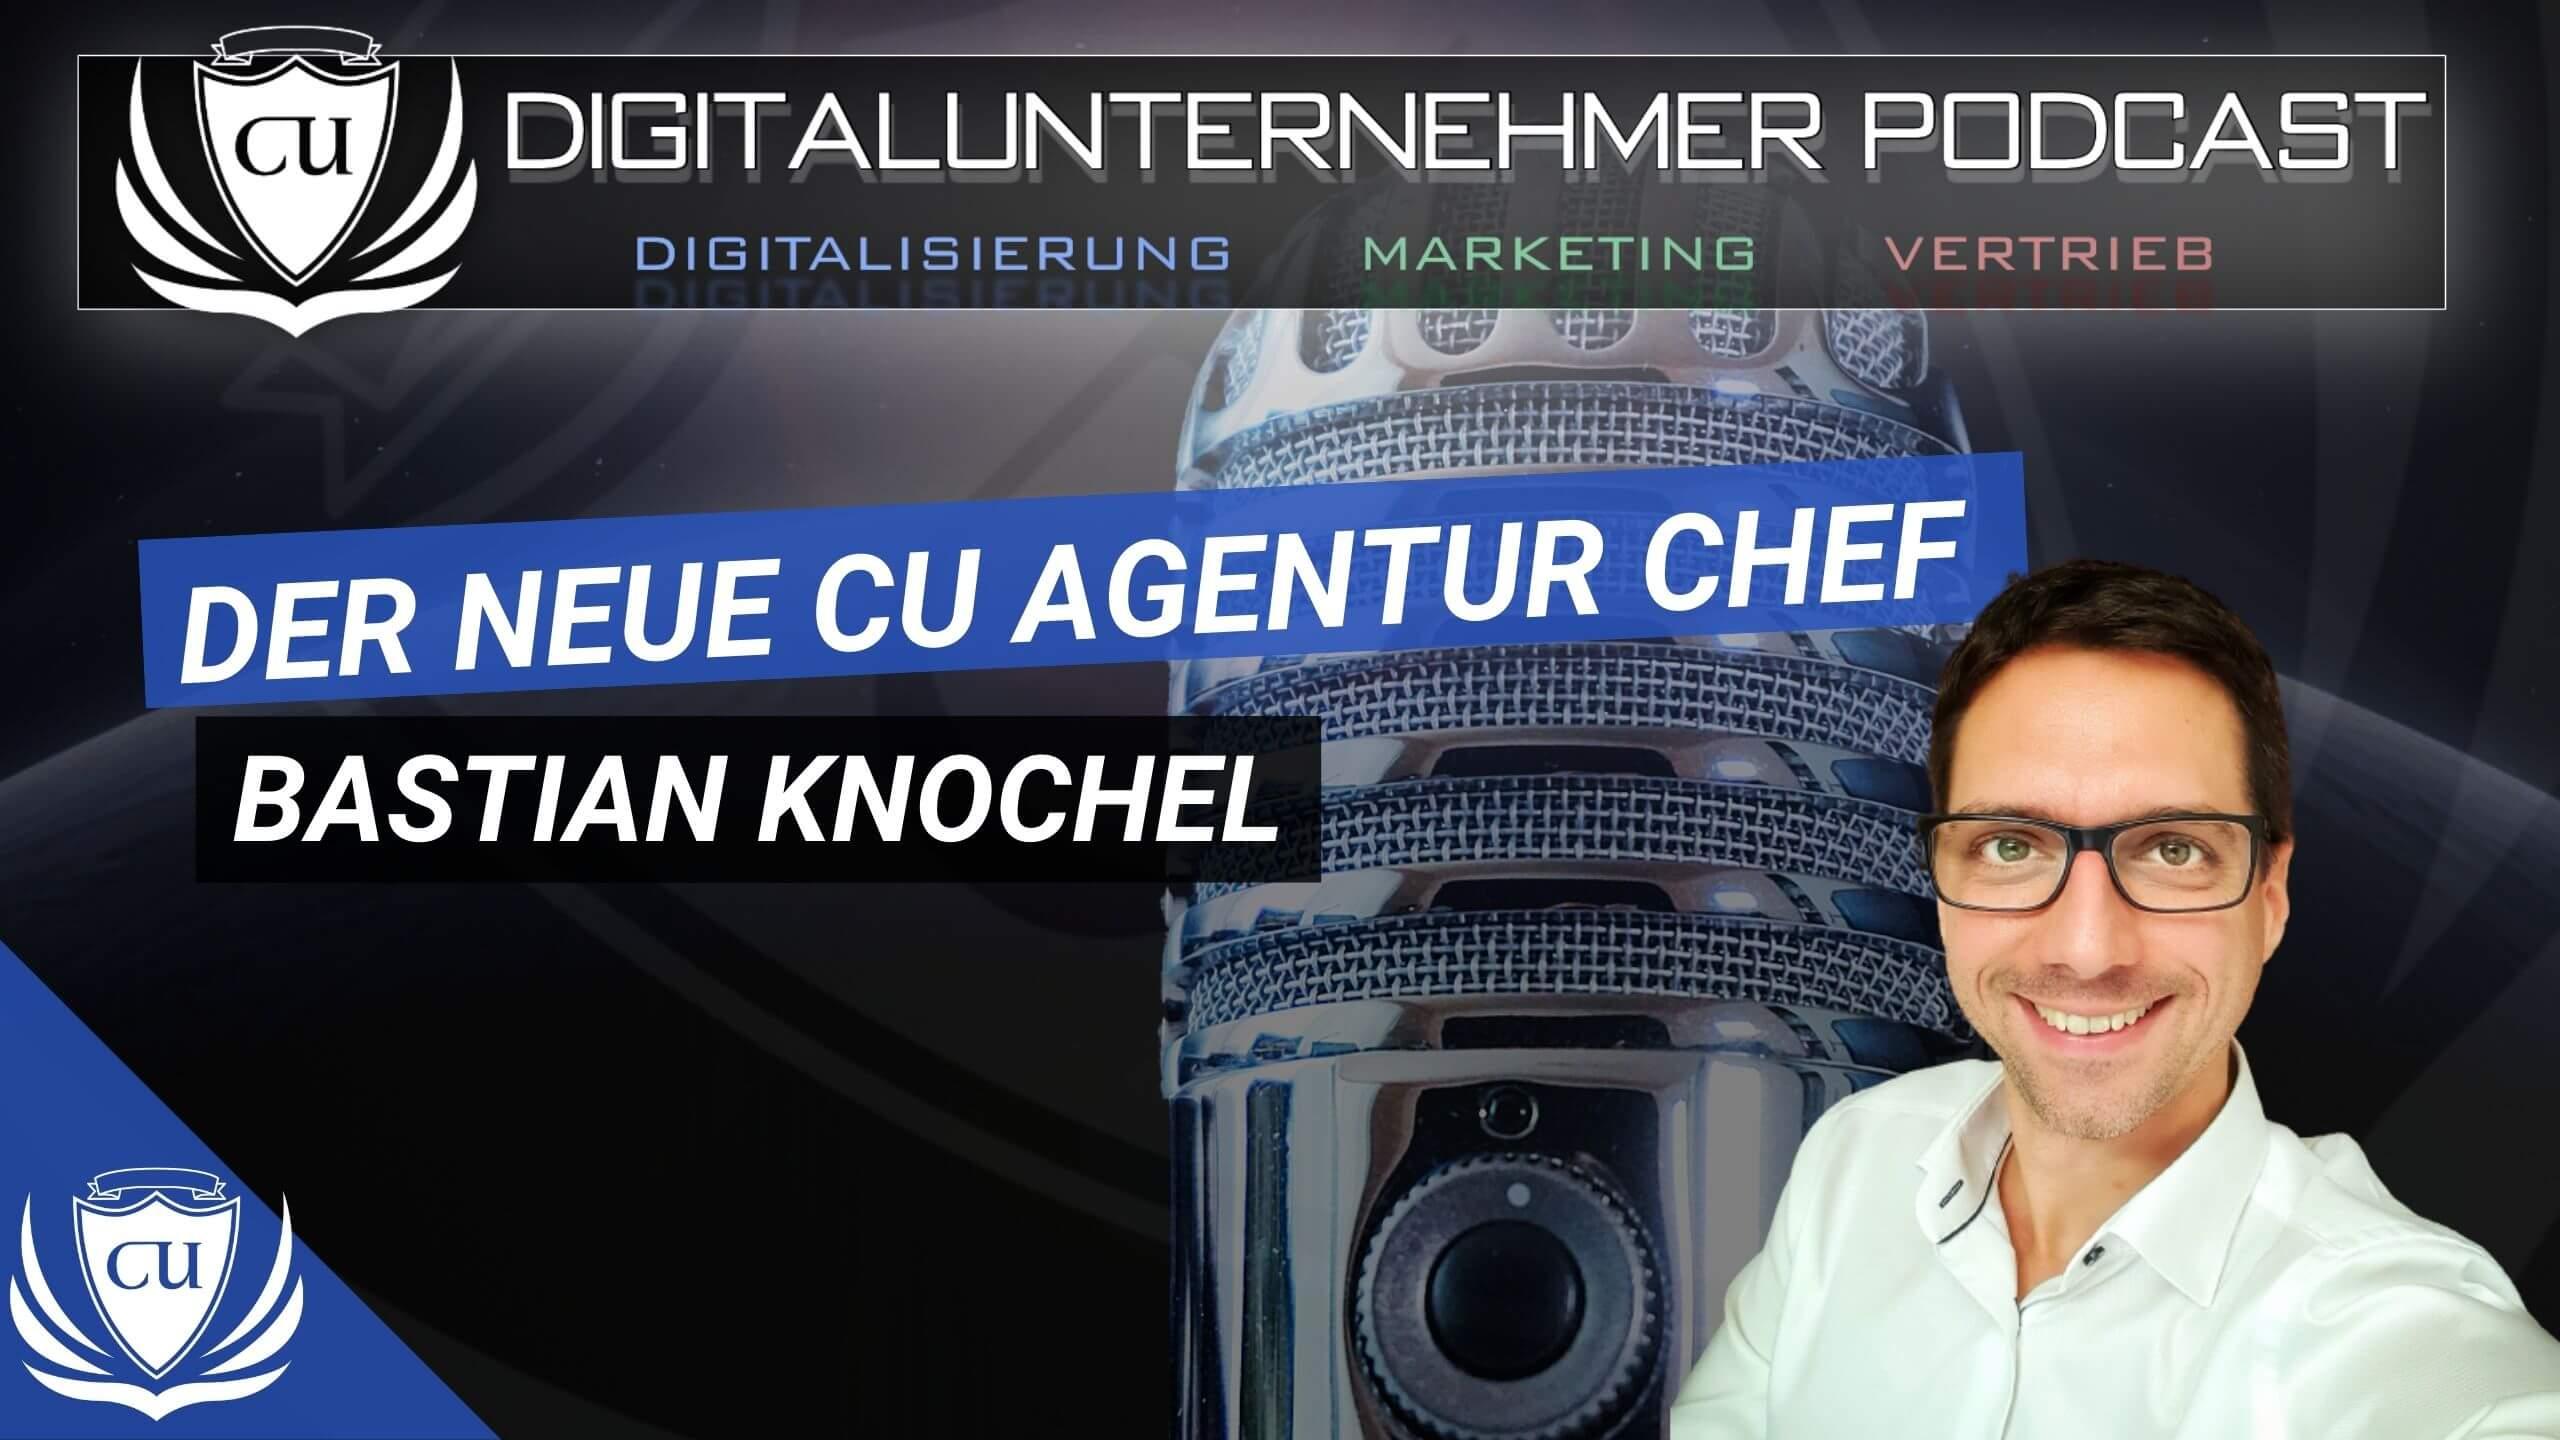 Bastian Knochel: Vorstellung des neuen CU Agentur Chefs